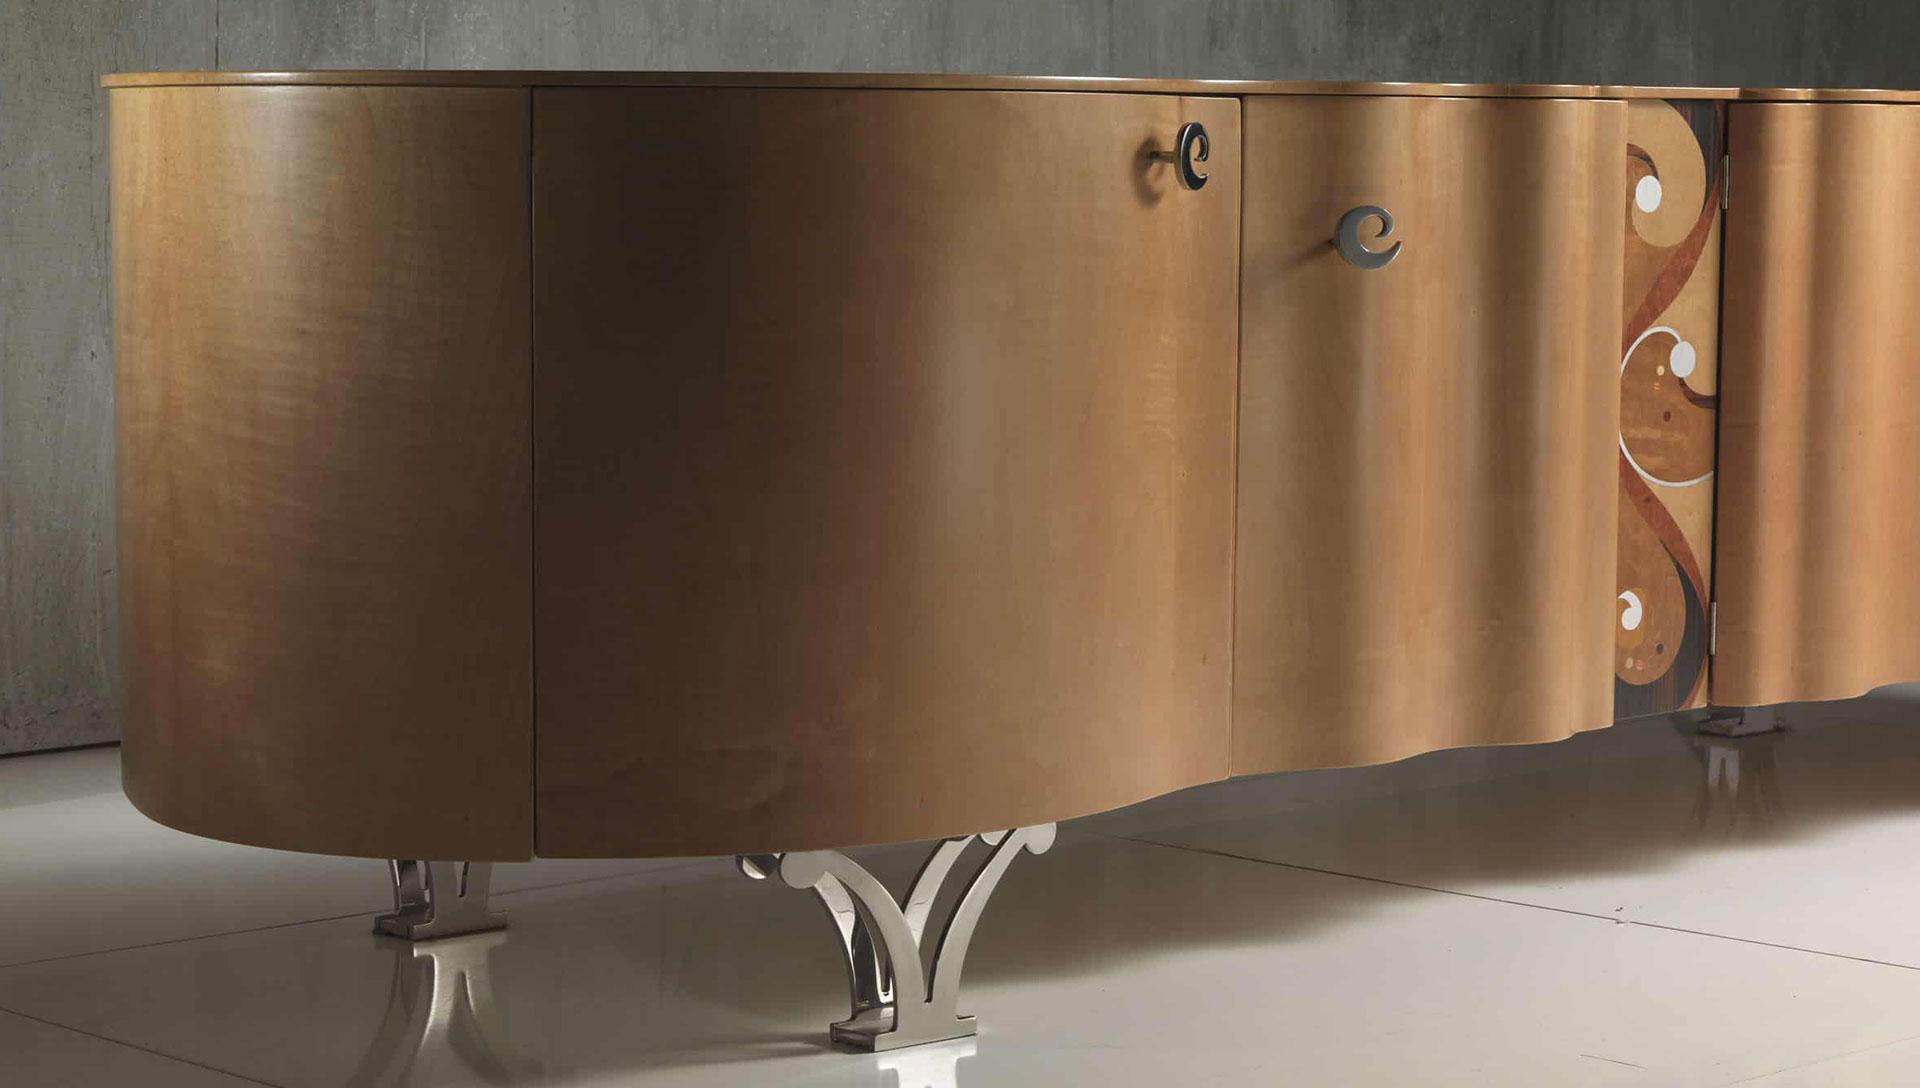 zona-living-2-arredamenti-comodus-arredamenti-nicoletti-interni-interior-design-divani-complementi-arredo-mobili-design-accessori-matera